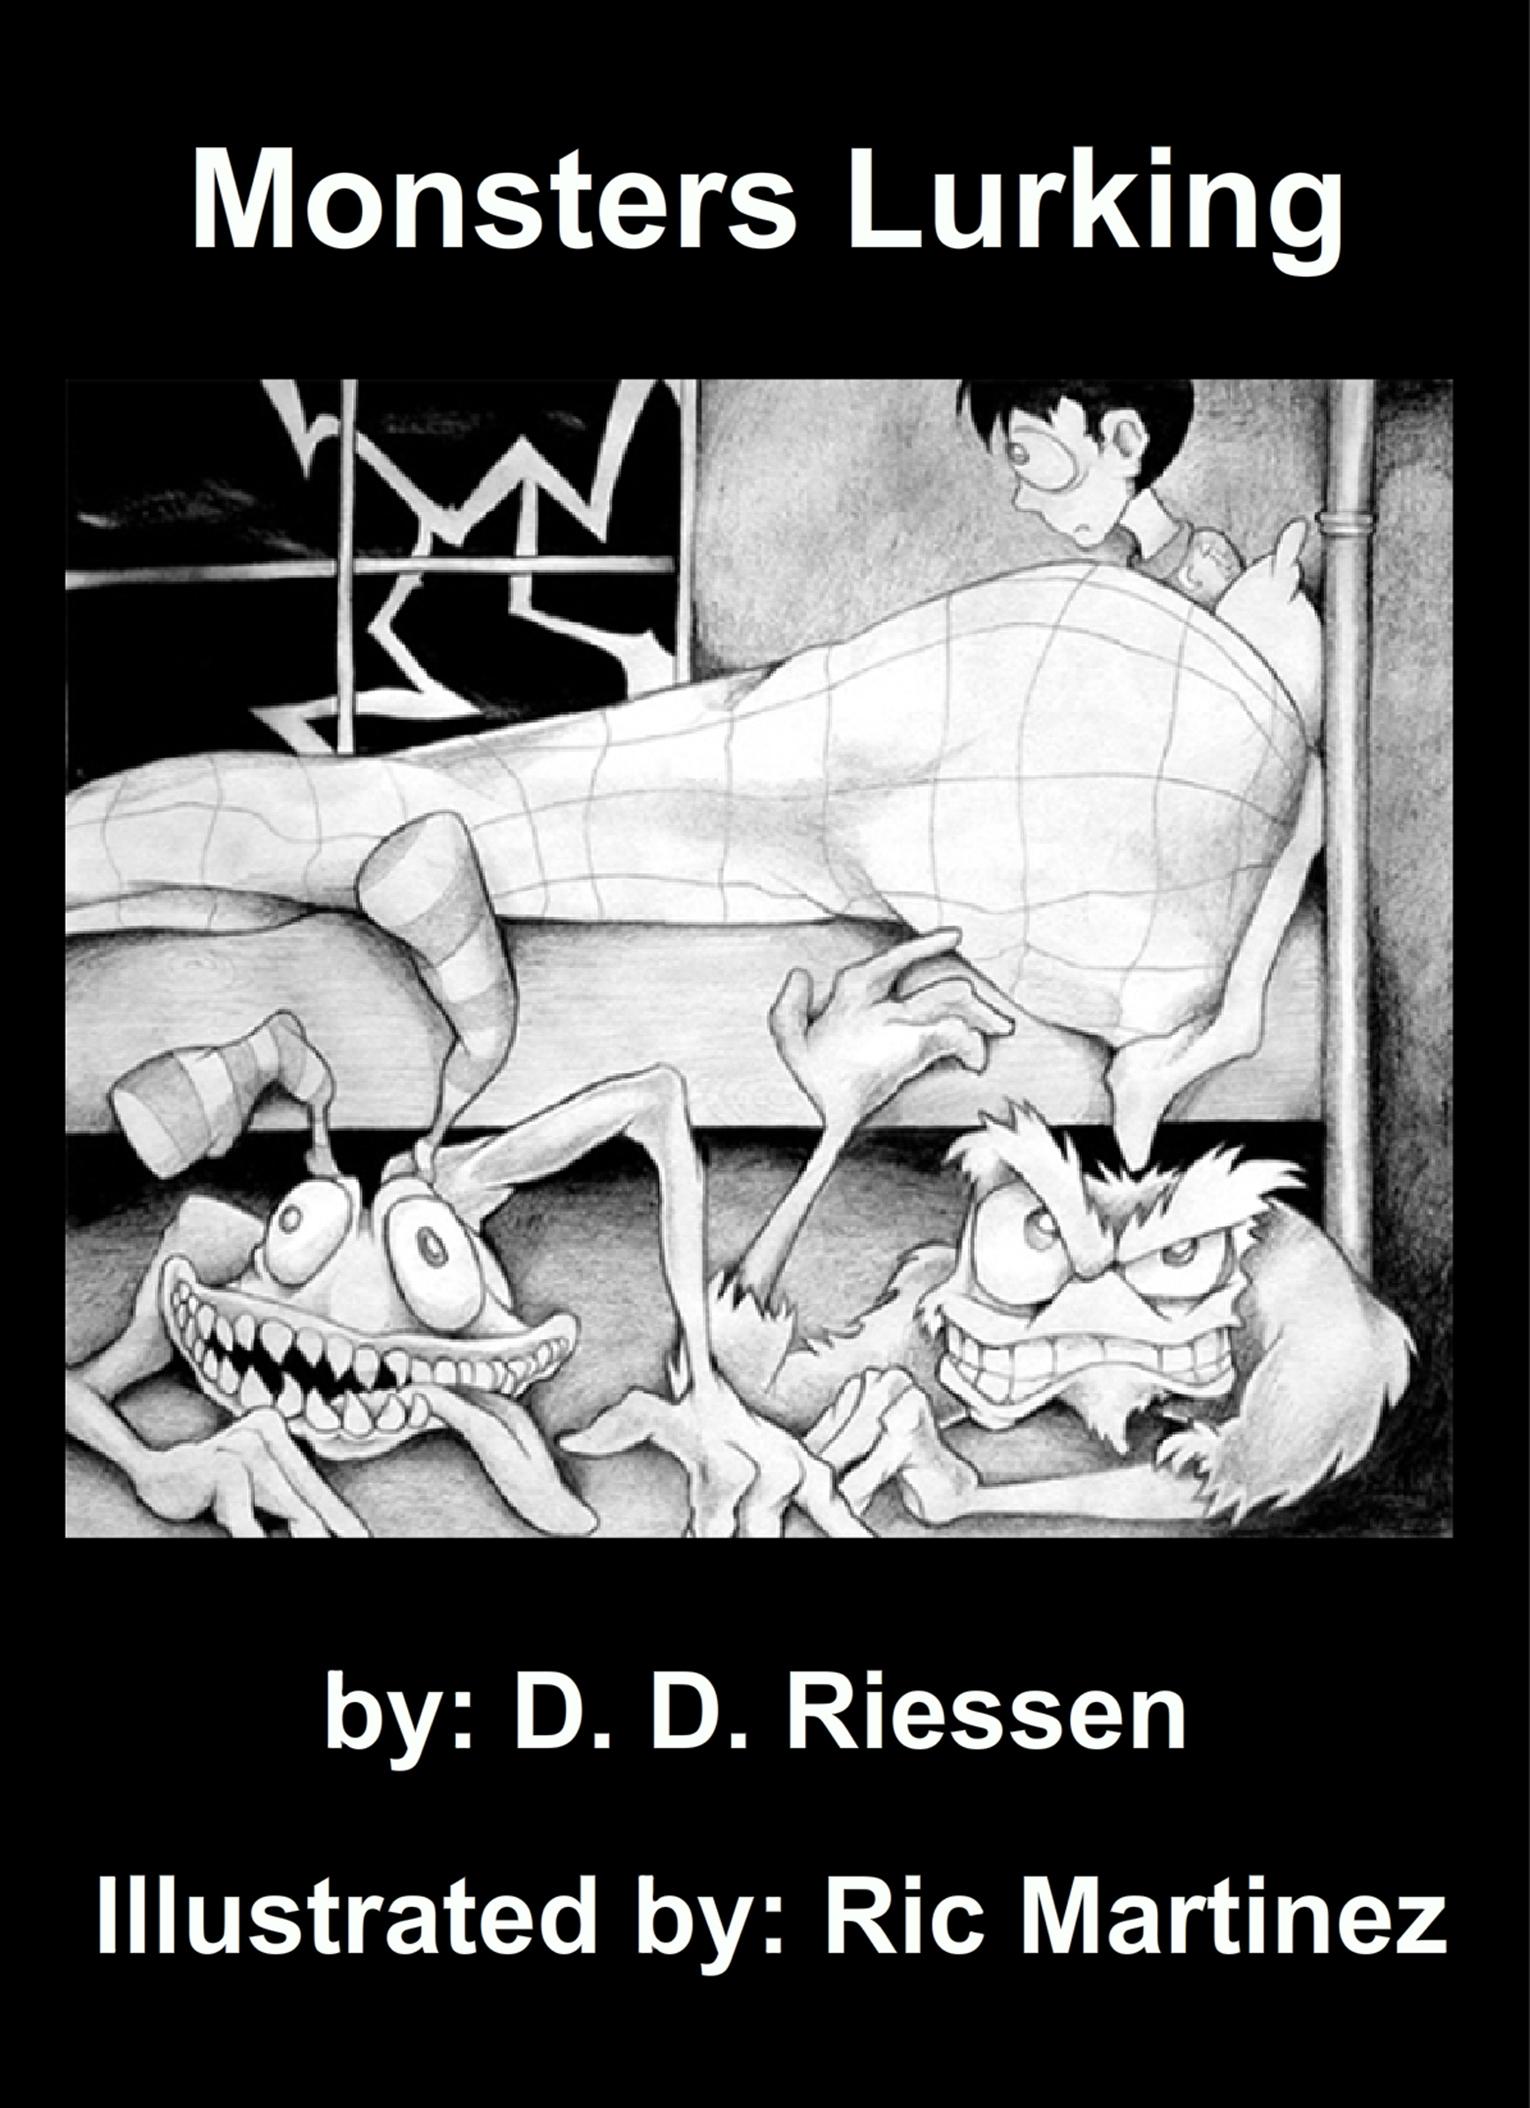 Monsters Lurking D.D. Riessen